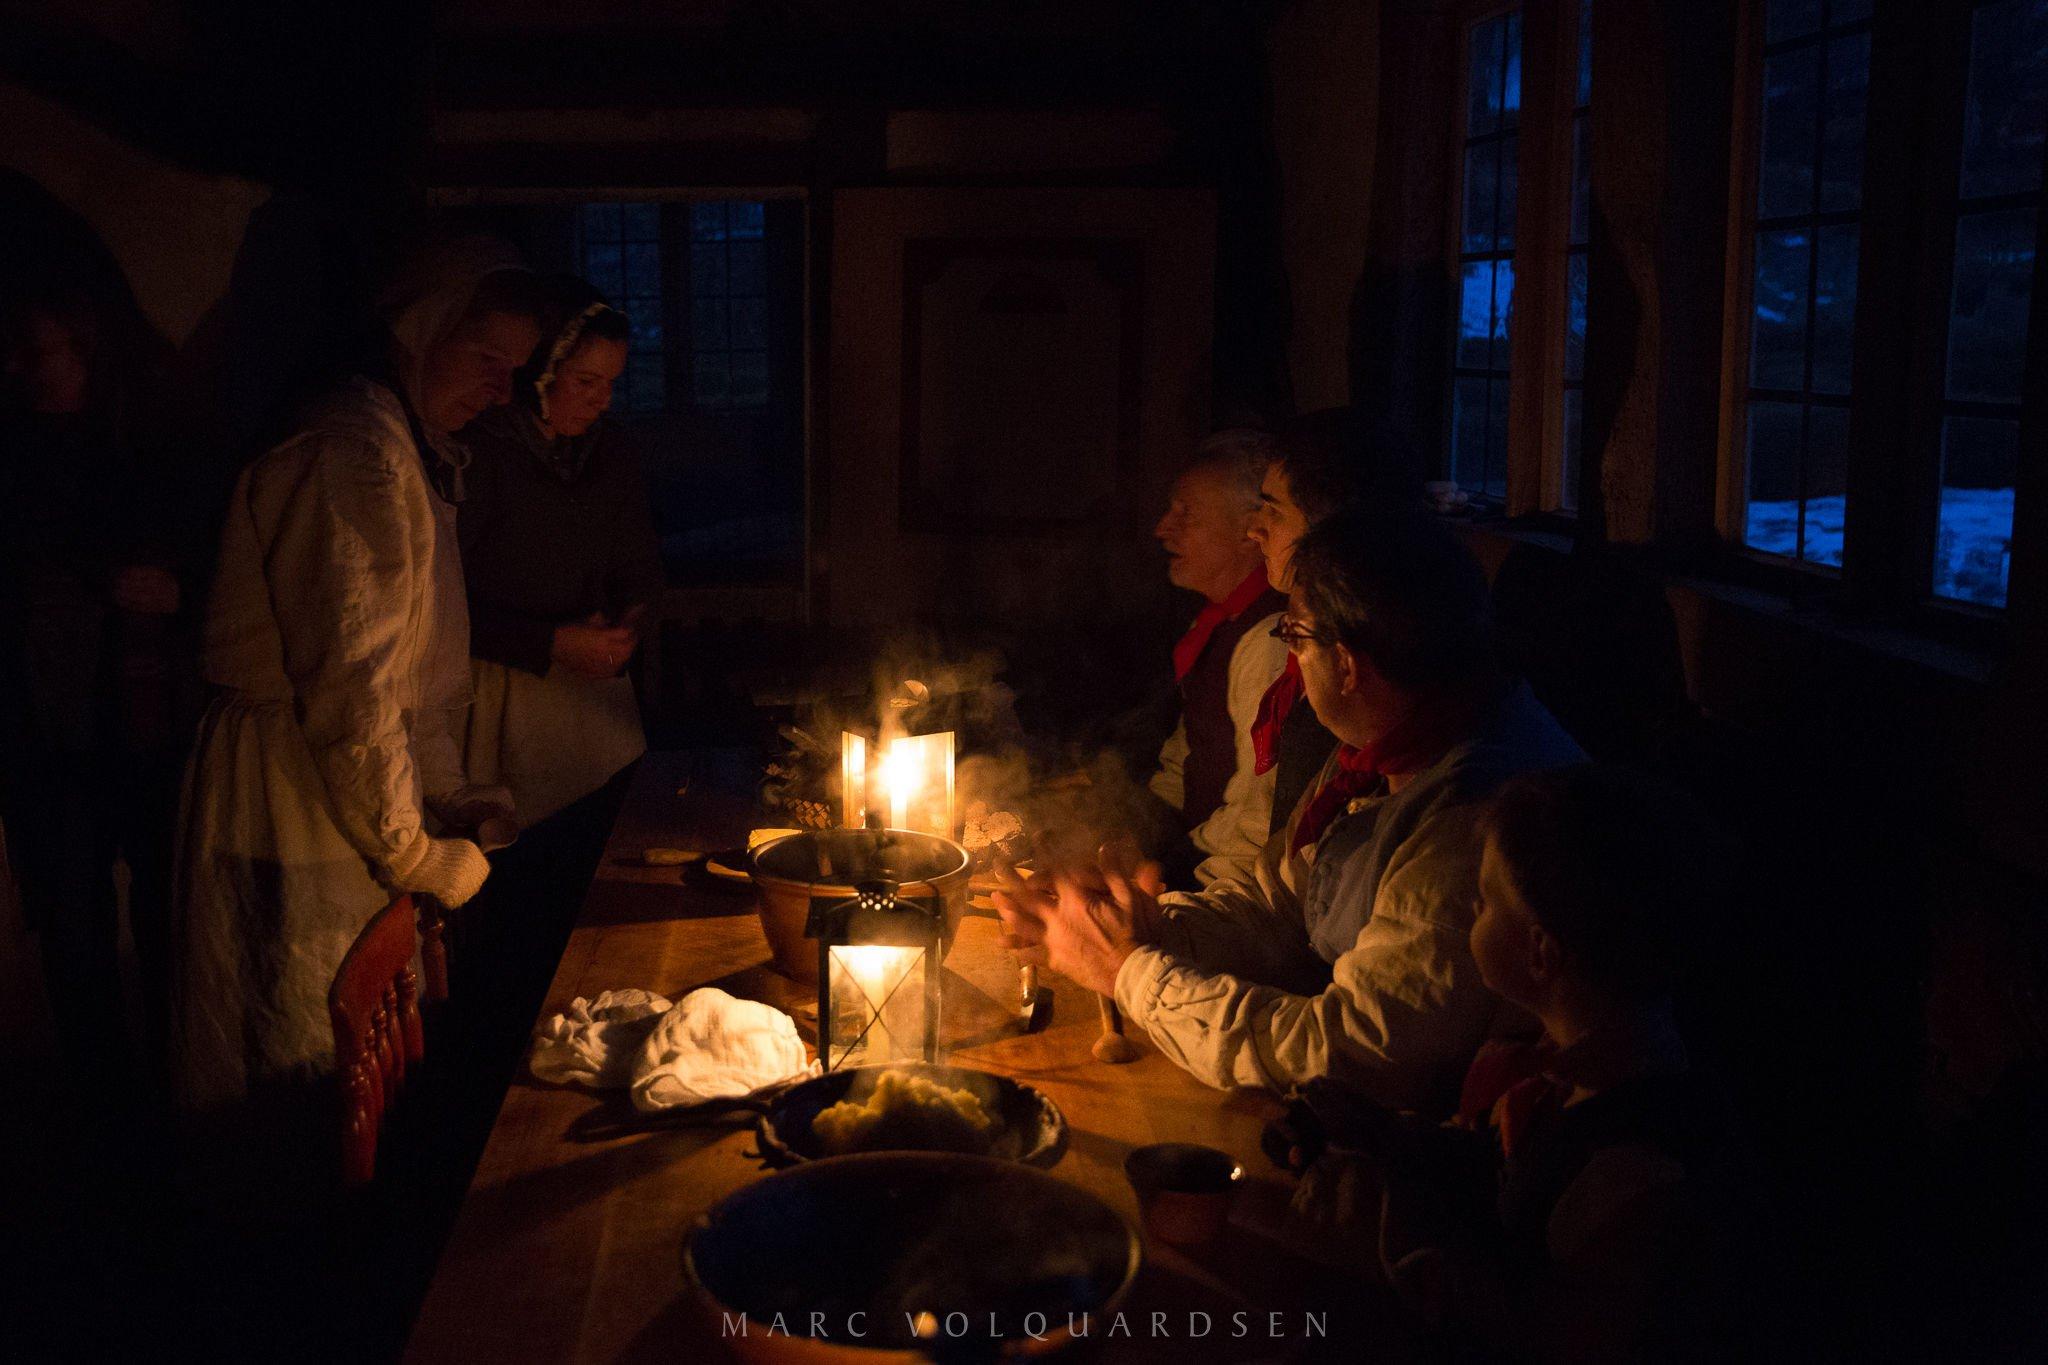 Kiekeberg - Feuer & Licht (0230)